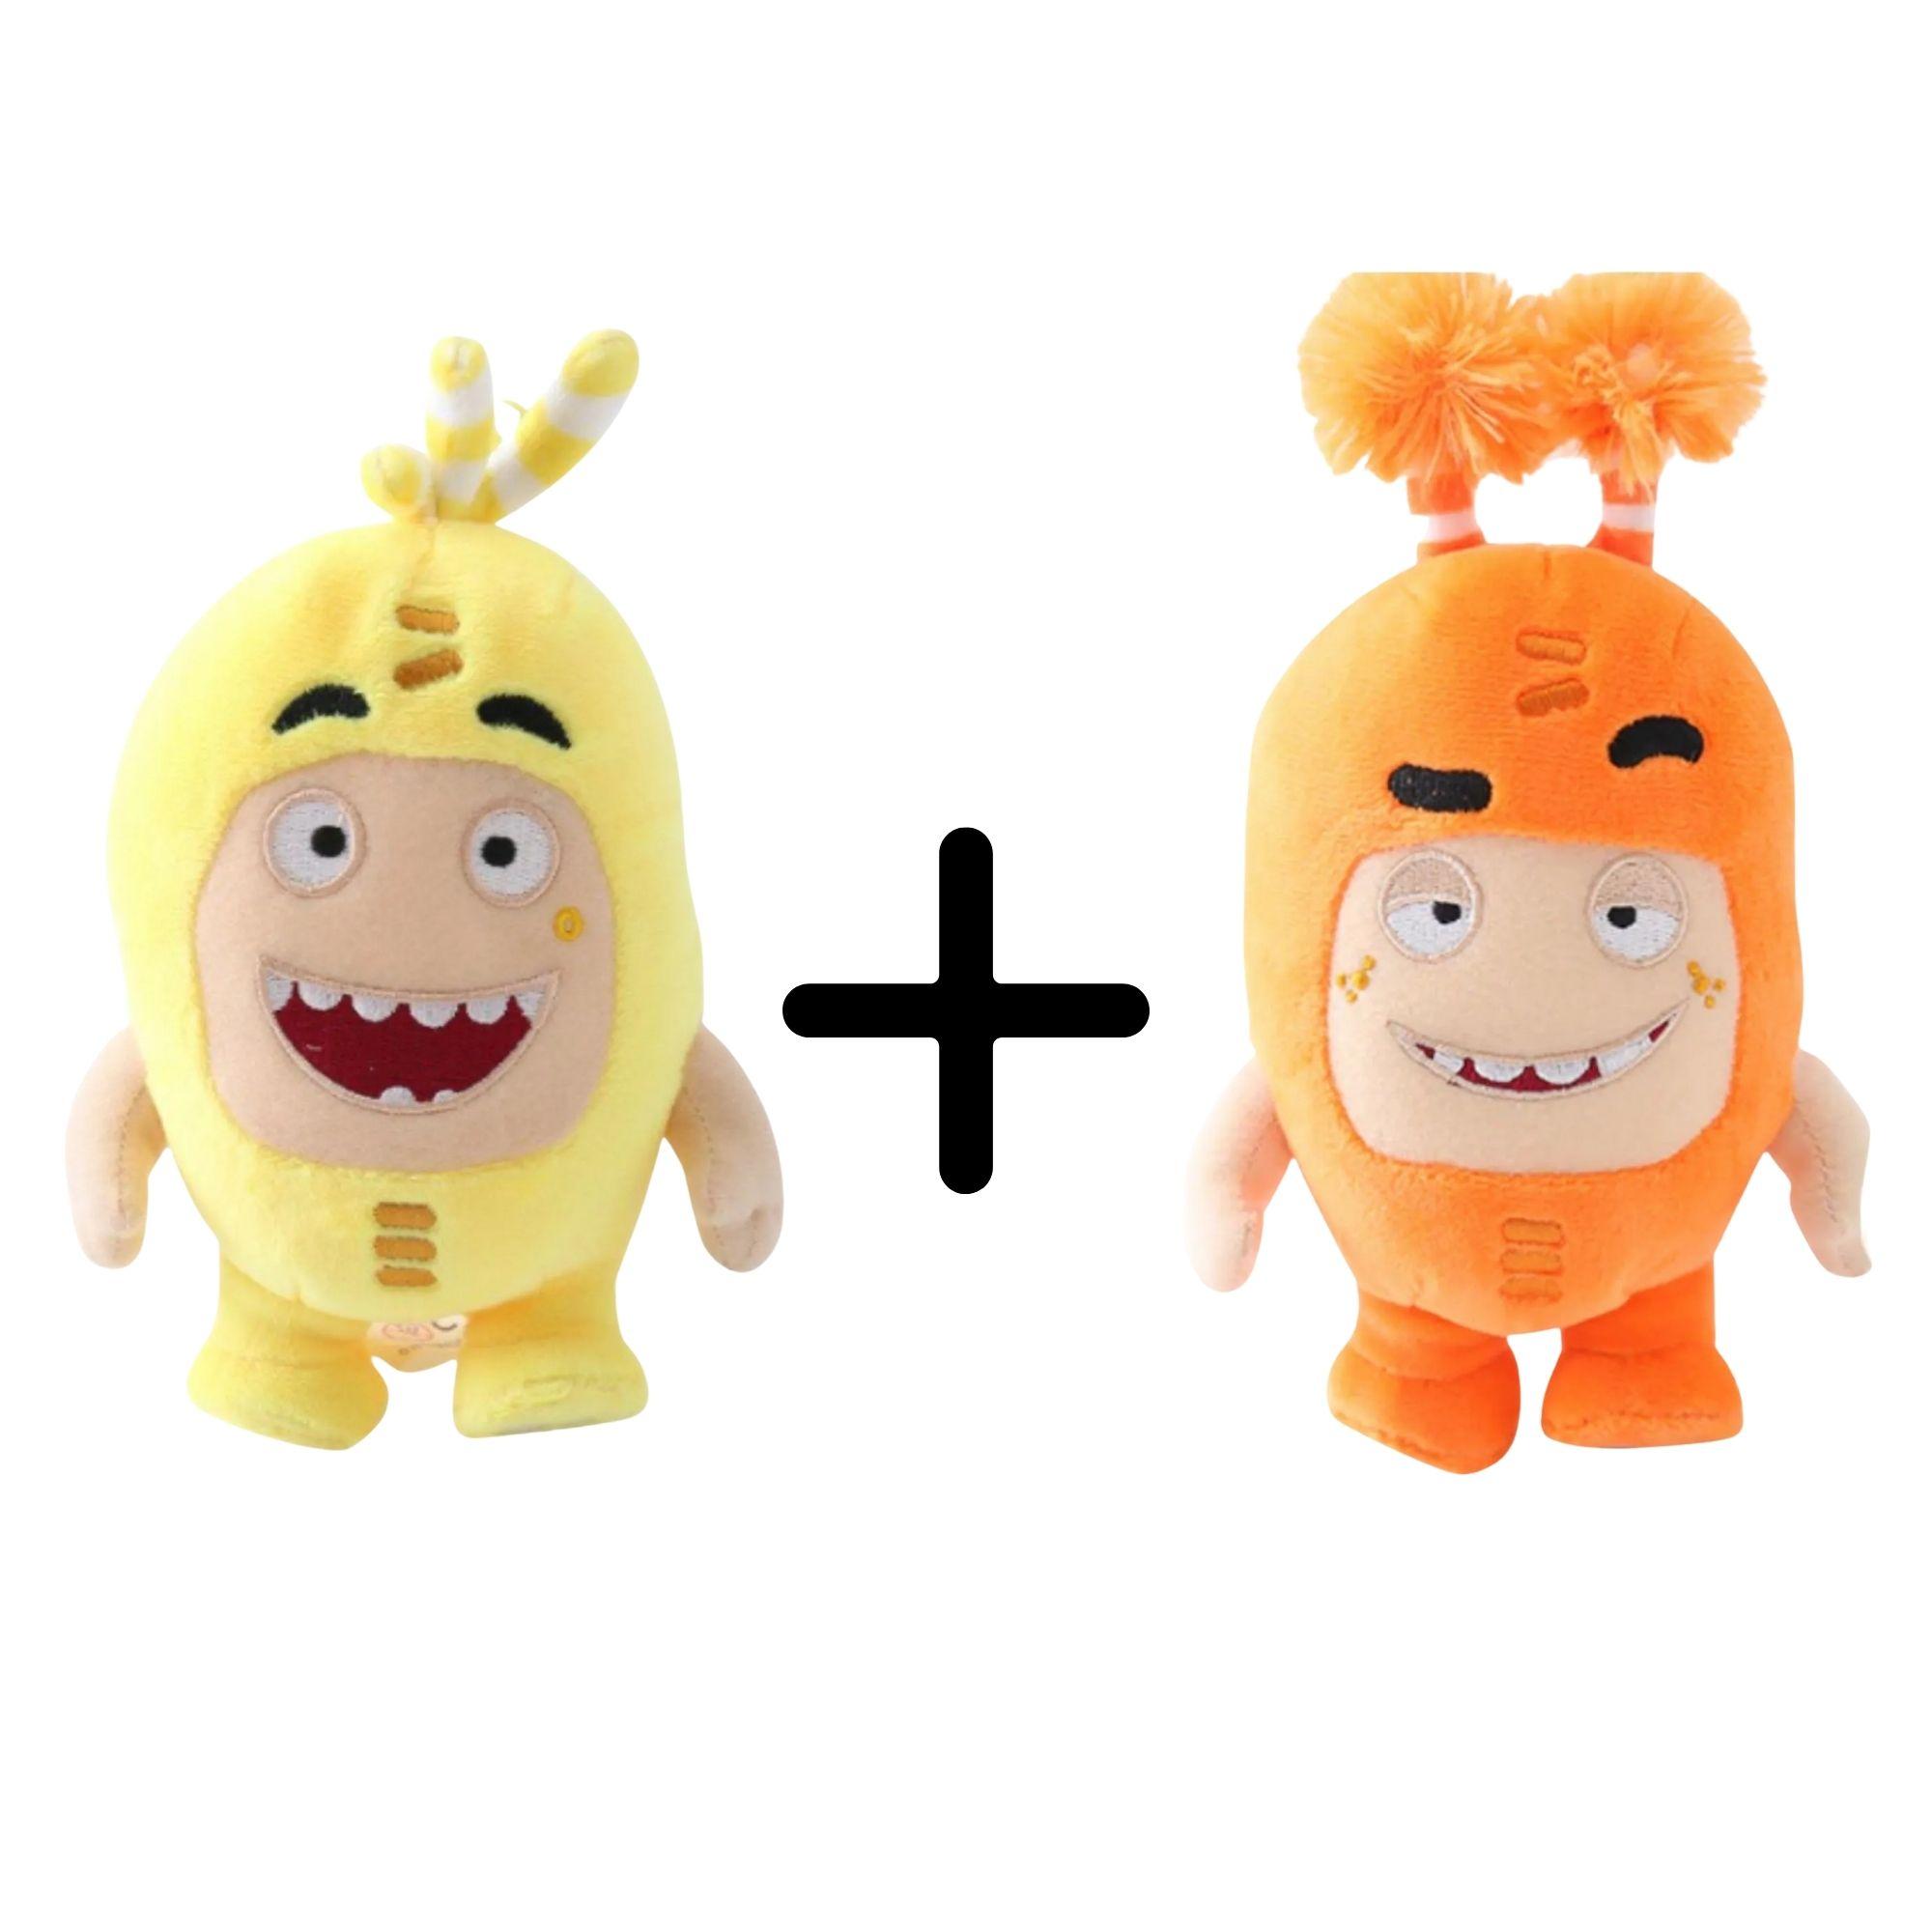 Kit com 2 Bonecos de Pelúcia Oddbods - 1 Amarelo e 1 Laranja   - Game Land Brinquedos